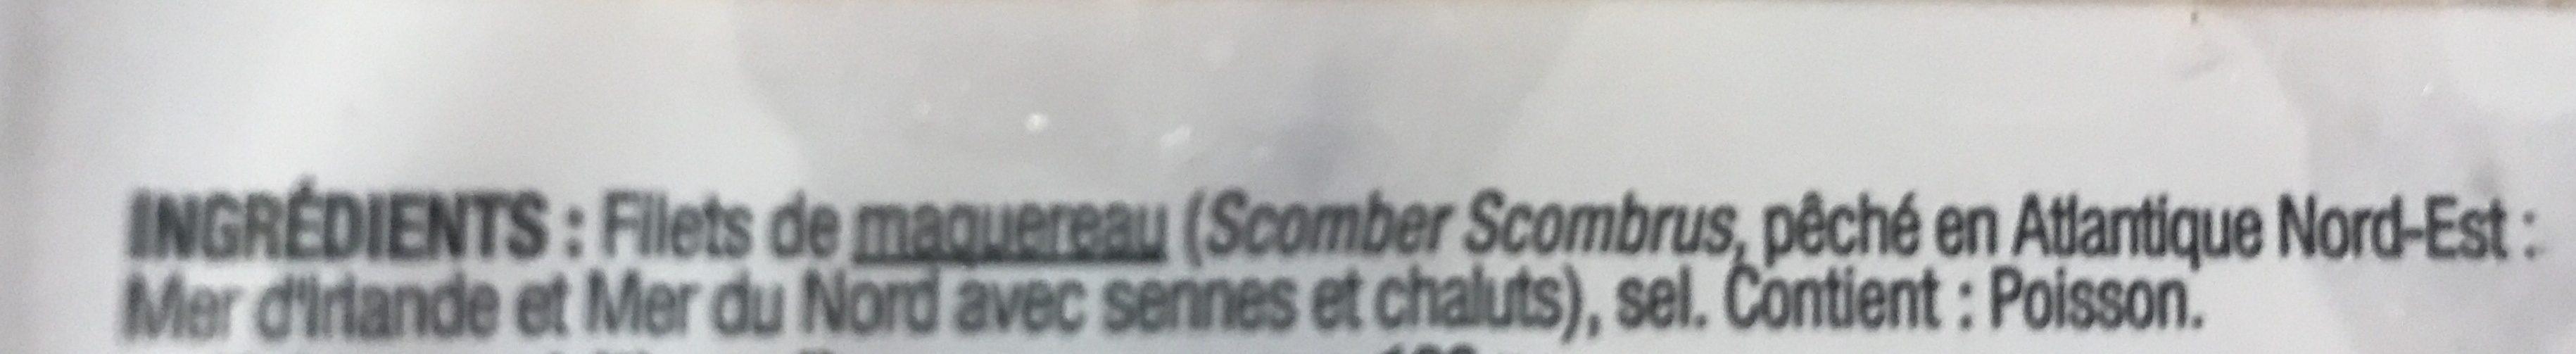 Mon Poisson au quotidien Maquereau fumés au bois de hêtre - Ingredients - fr